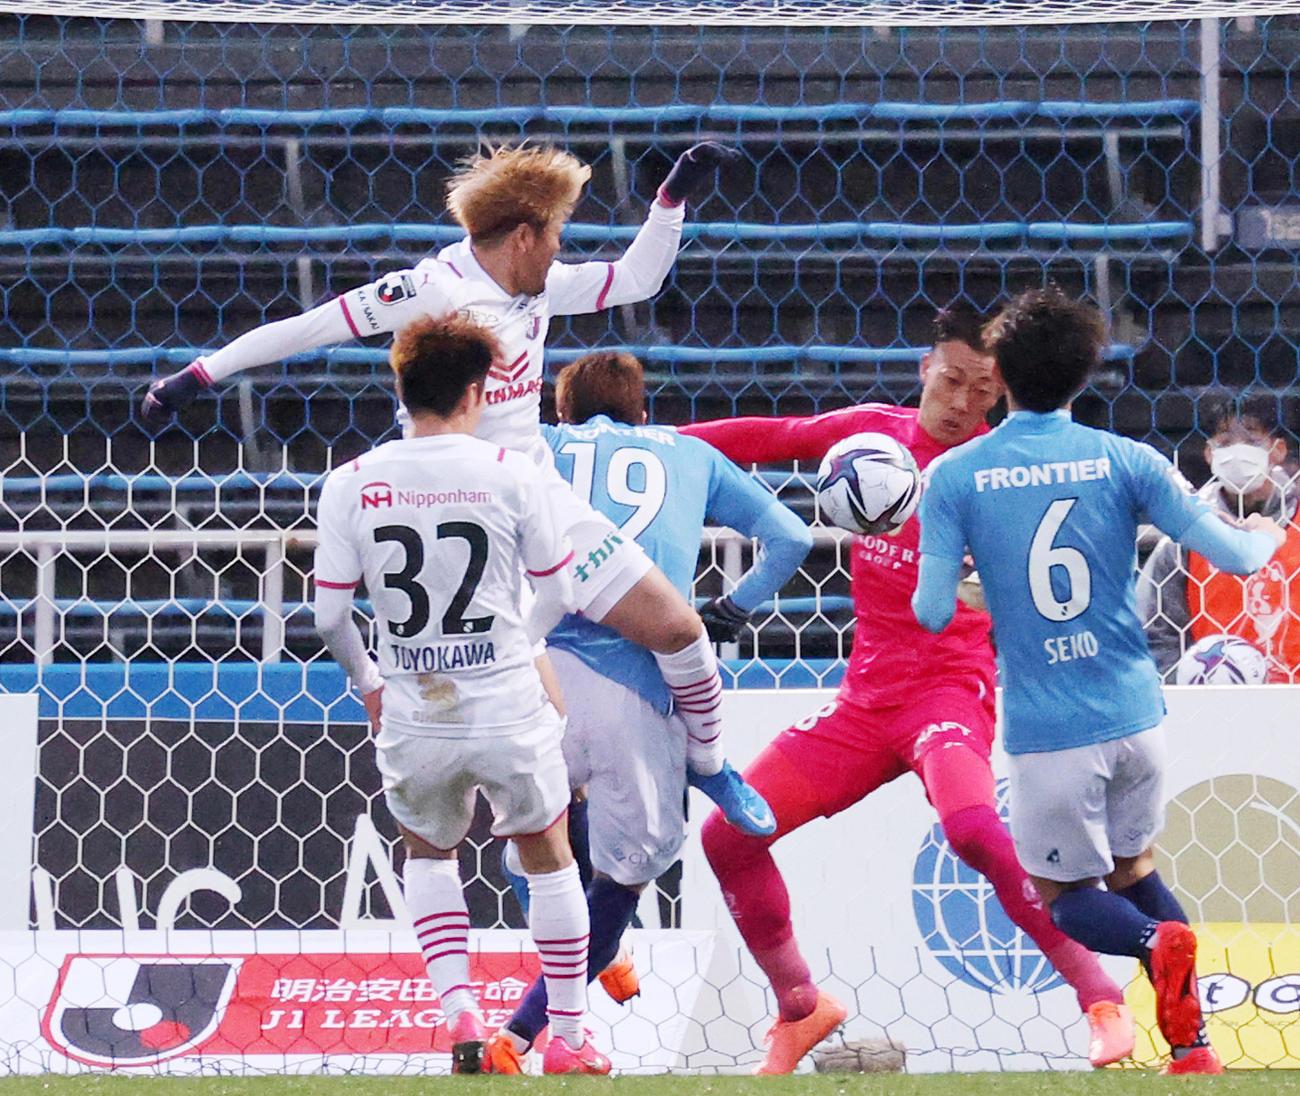 後半、ゴールを決めるC大阪FW大久保(撮影・野上伸悟)